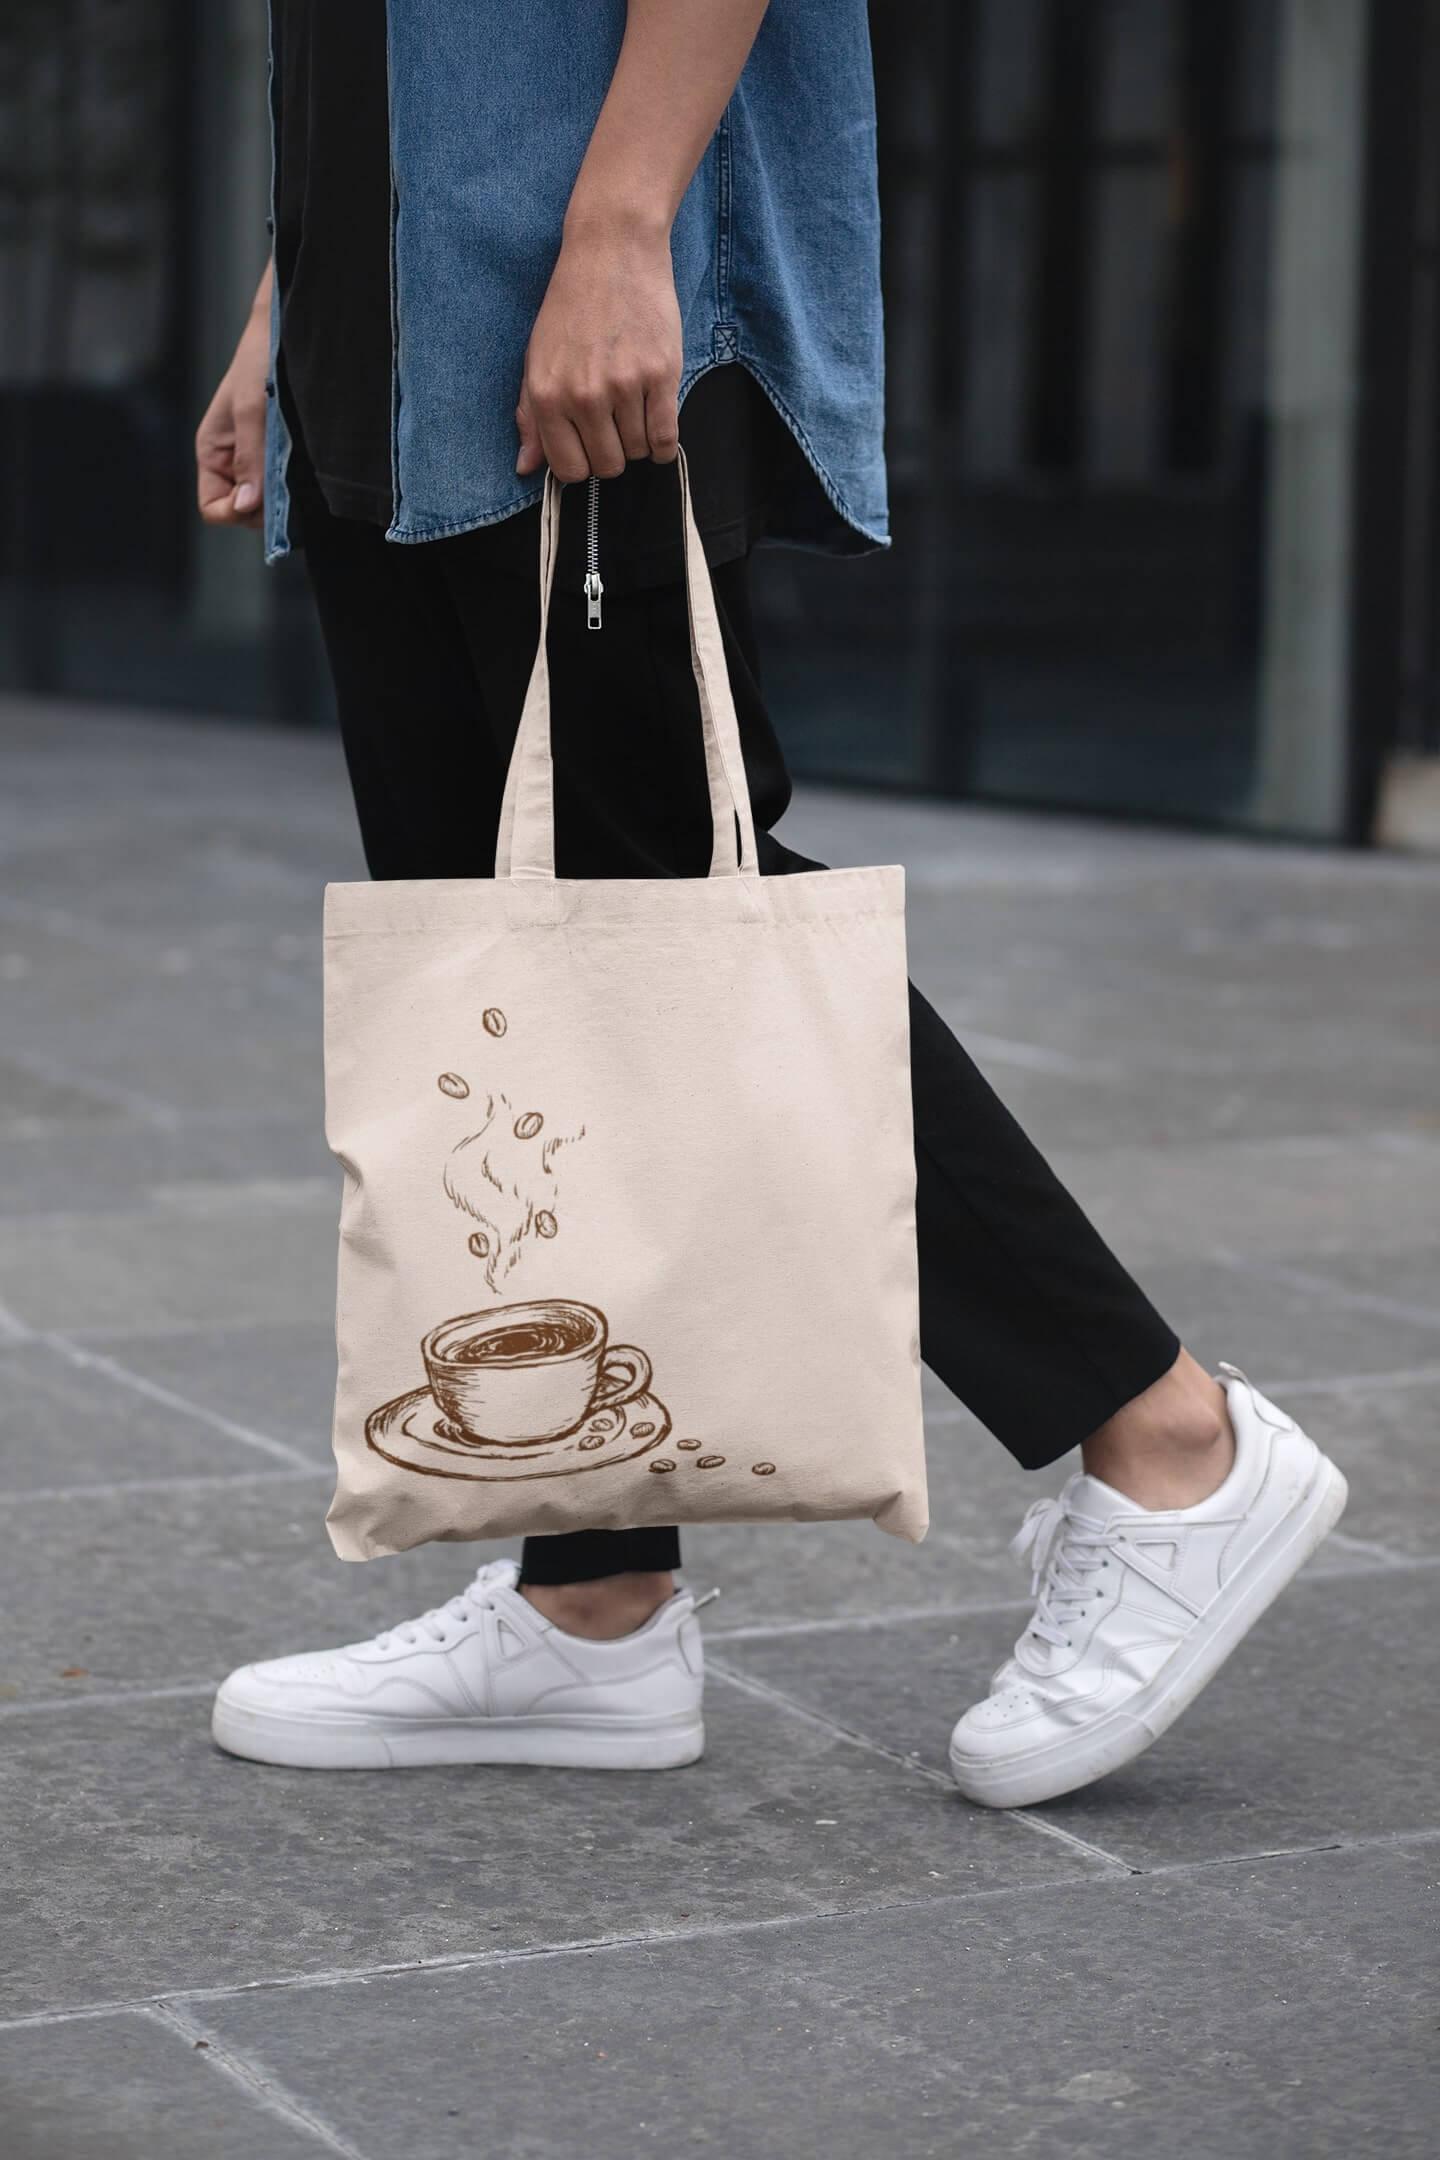 MMO Bavlnená taška Káva Farba tašky: Béžová